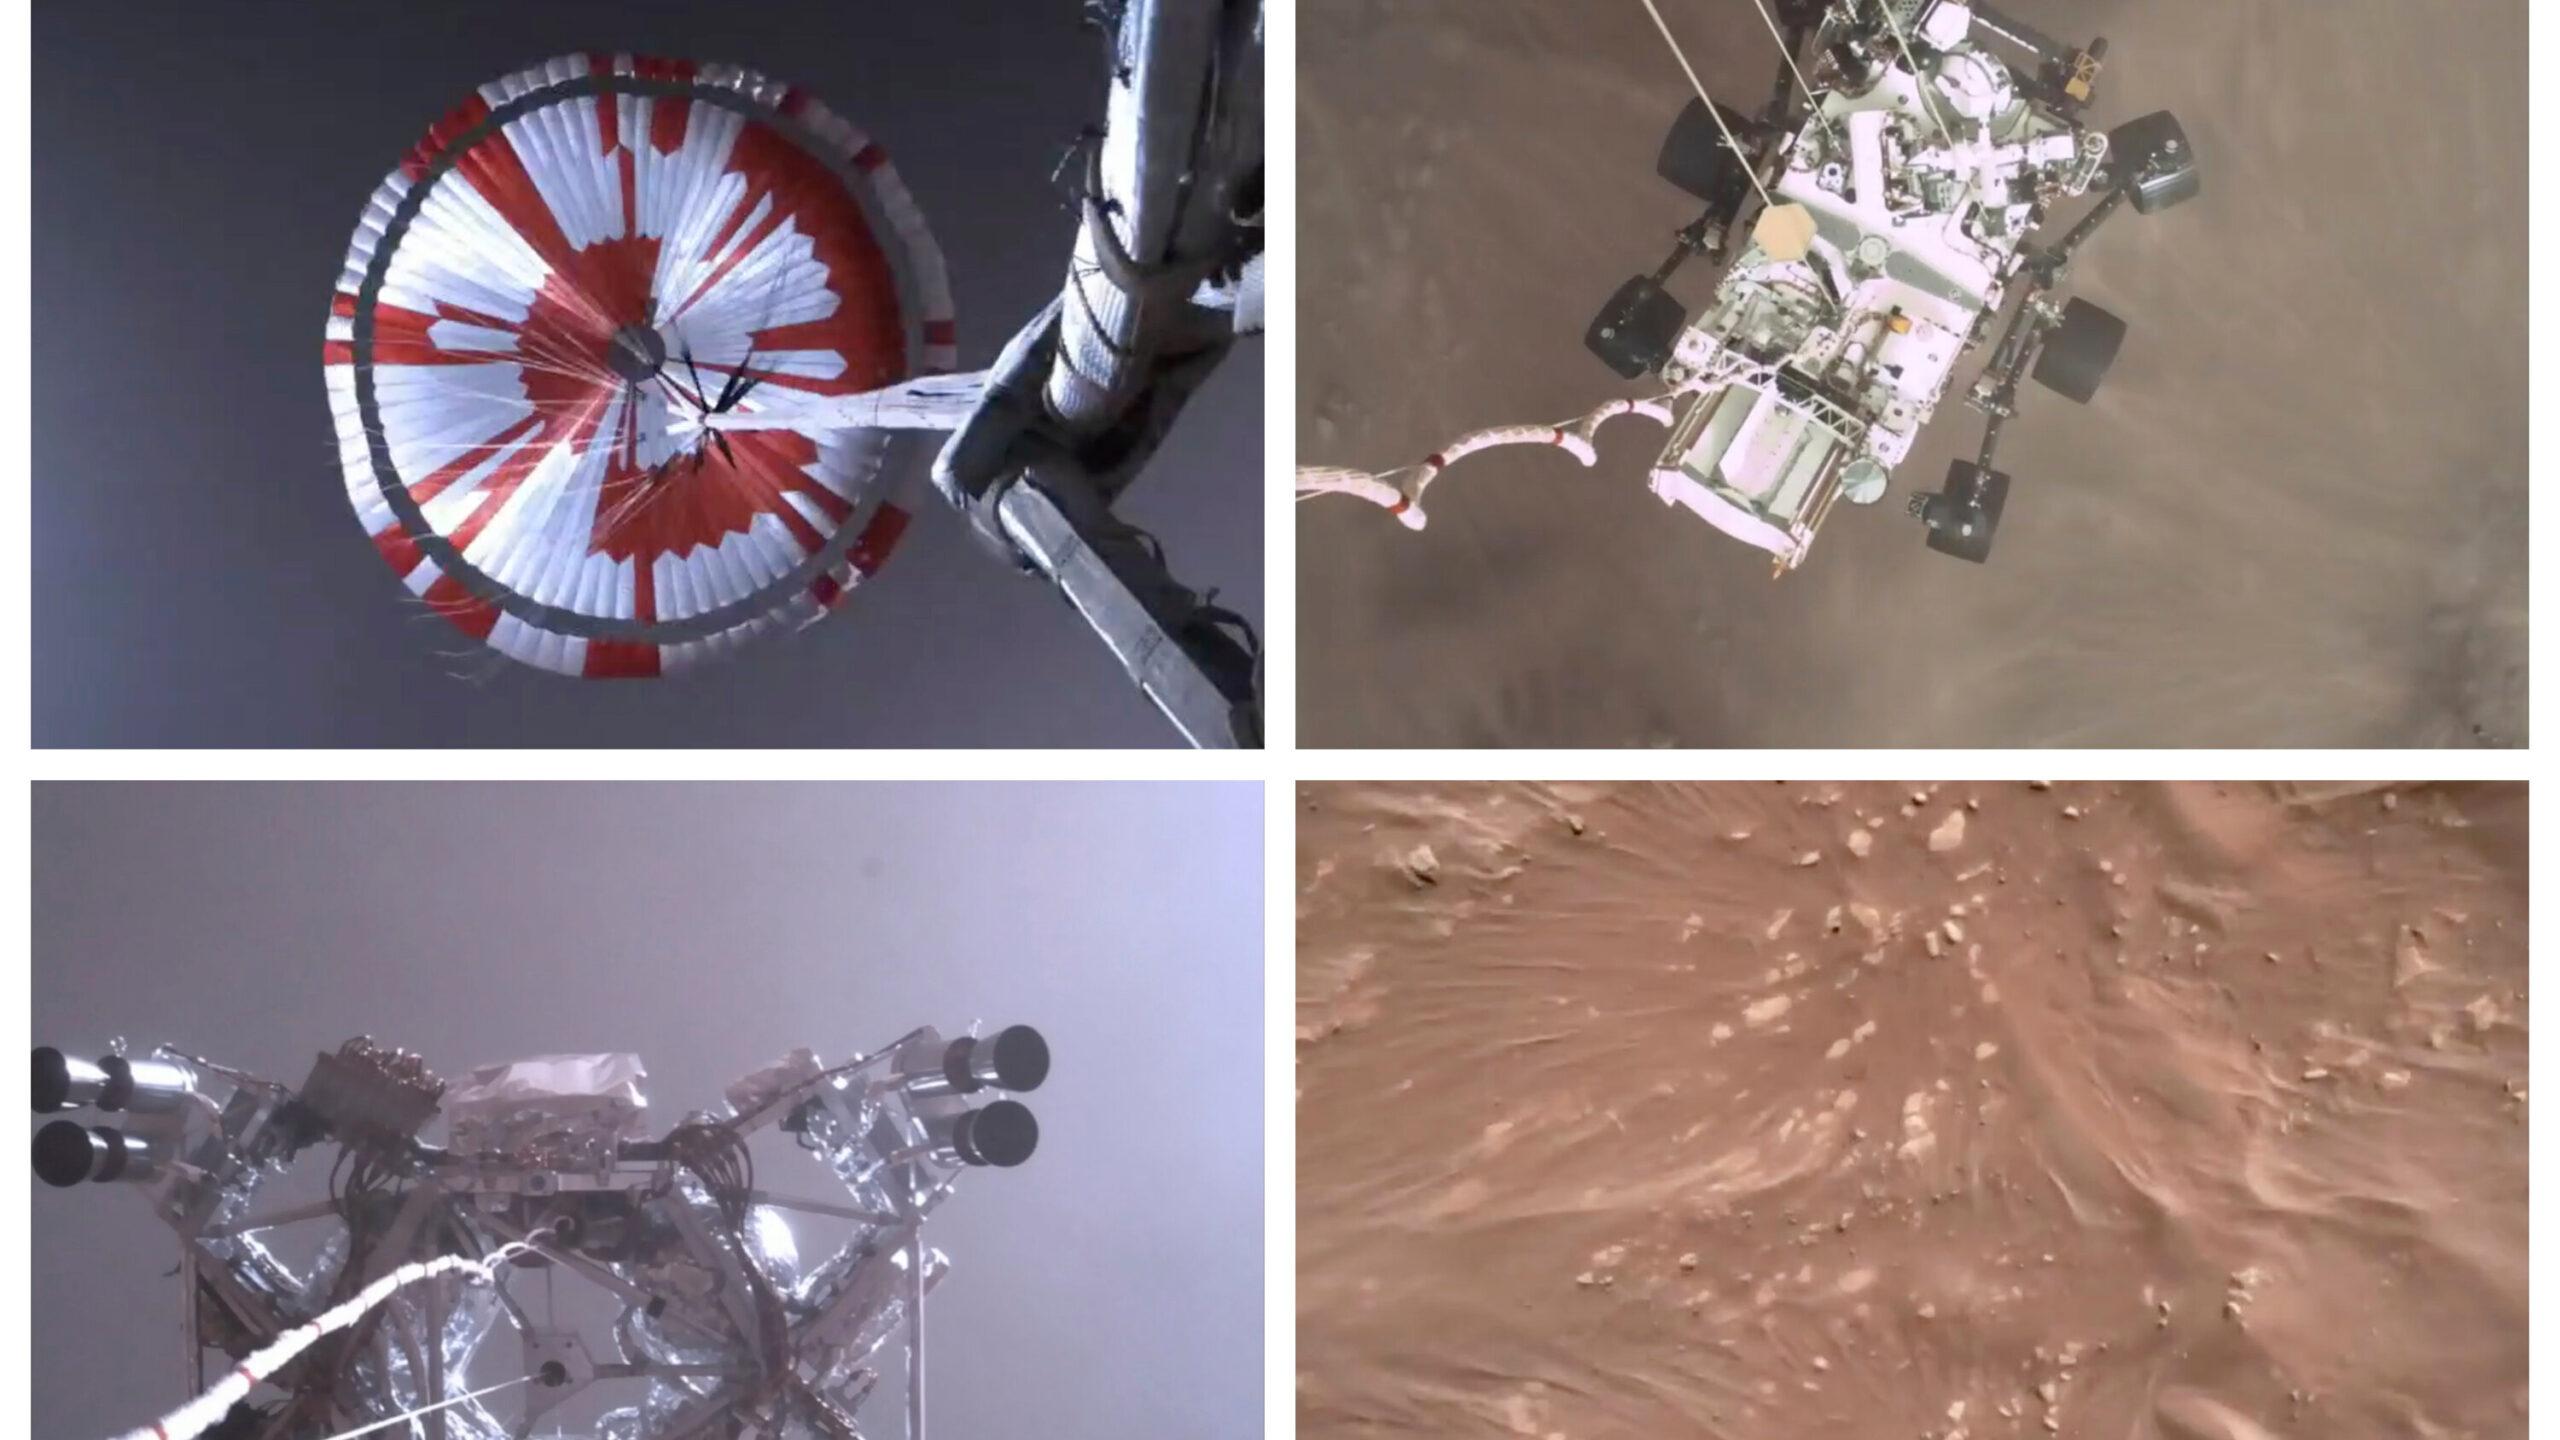 MARS sub videoSixteenByNine